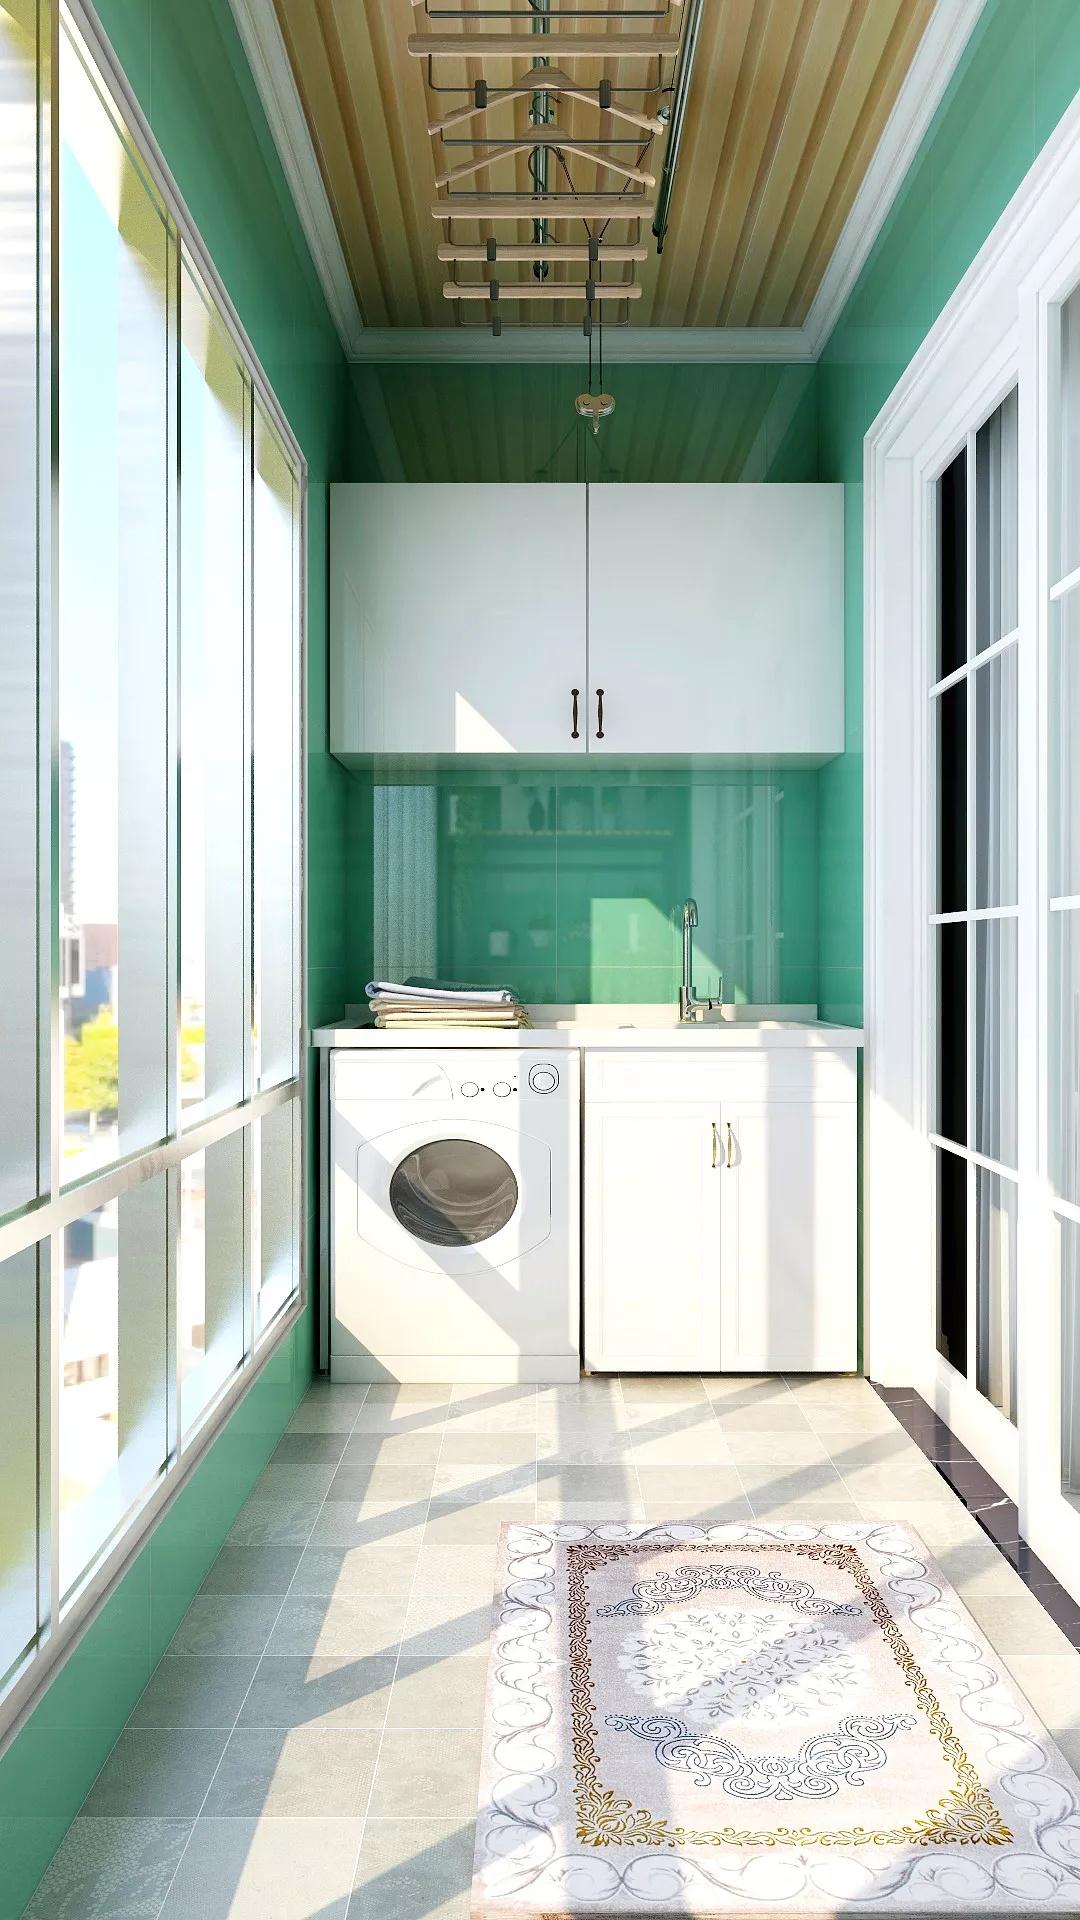 10平米厨房装修费用 10平米厨房装修价格